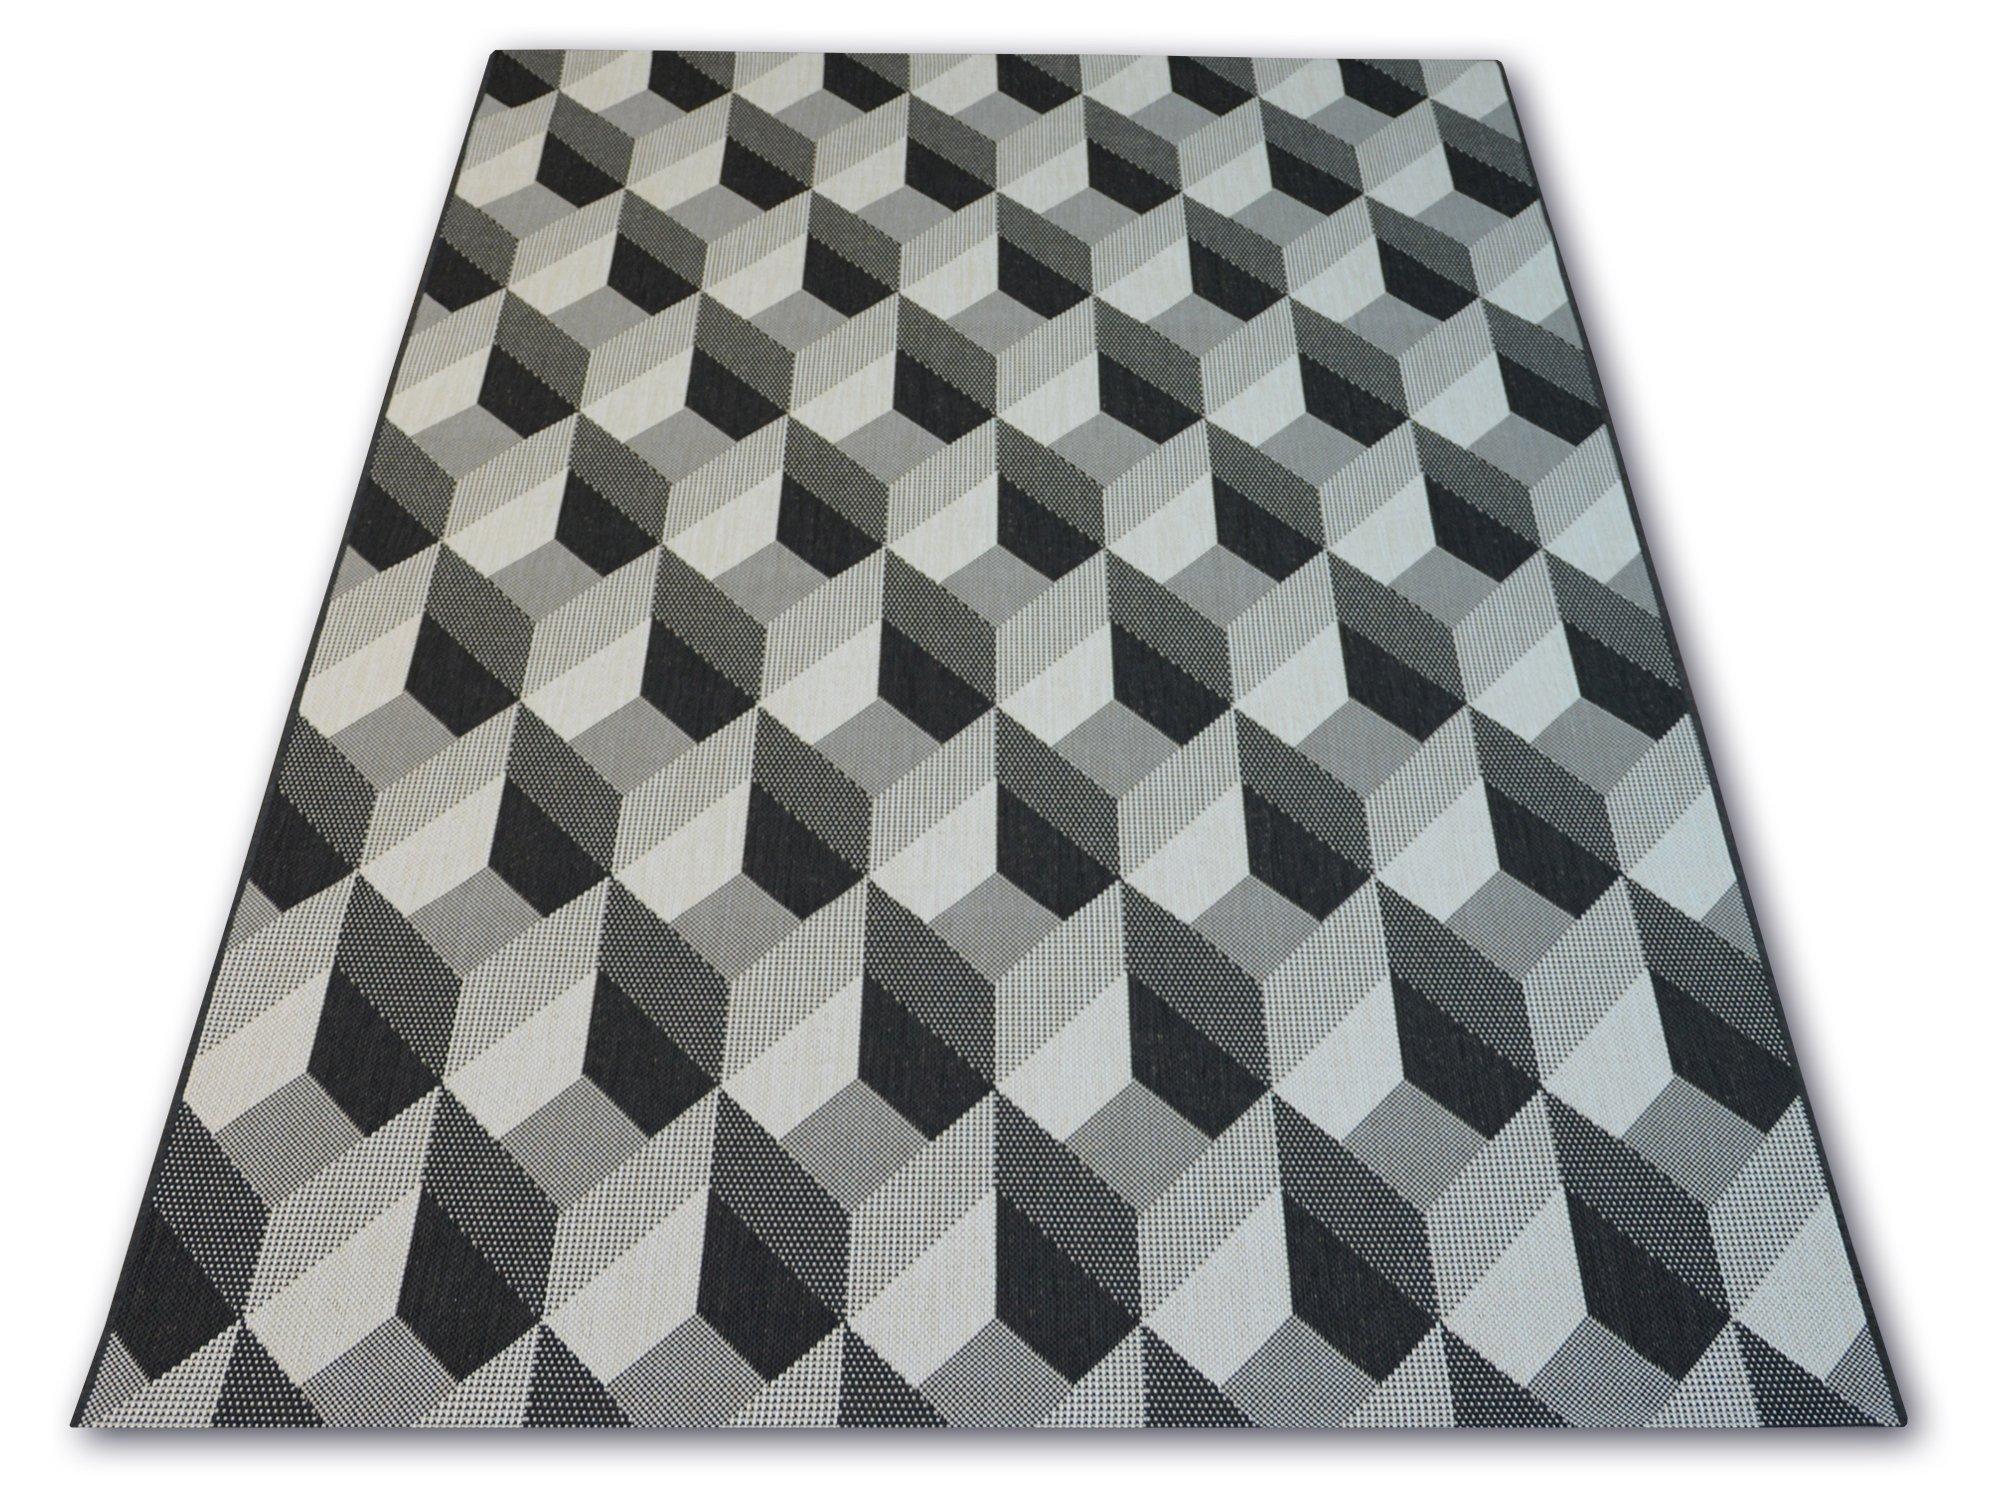 A SISAL koberec 120x170 MOZAIKY sivá/čierna #B311